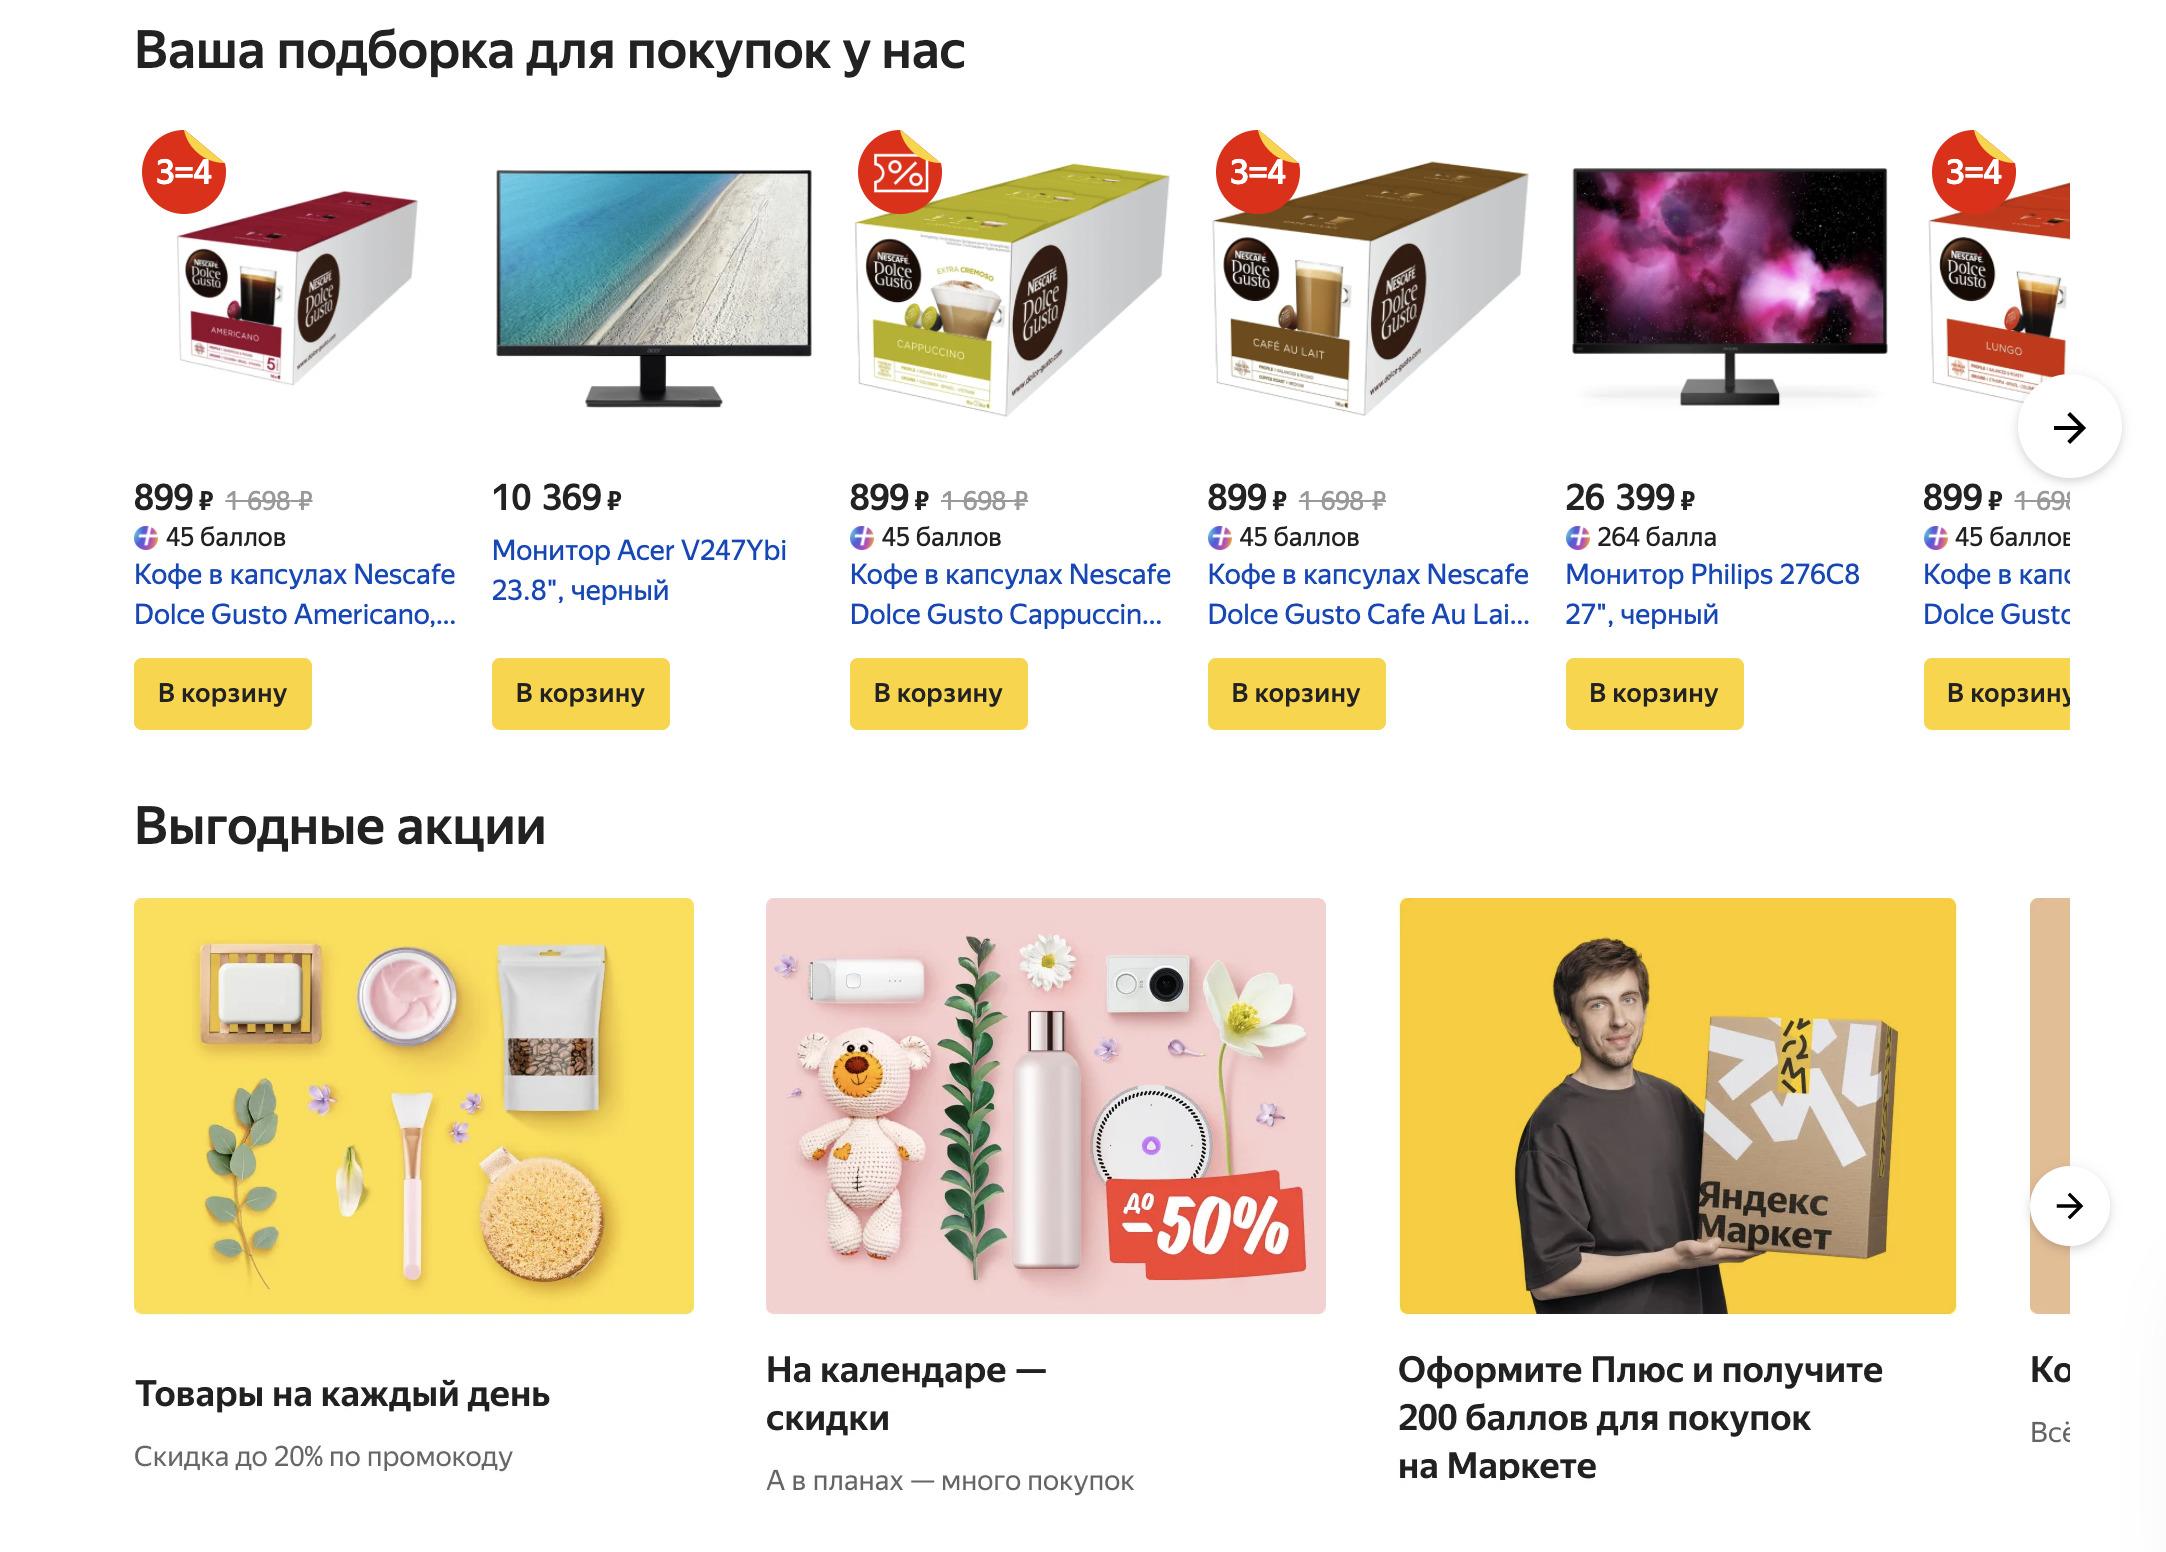 Доставка из Яндекс.Маркет в Клинцы, сроки, пункты выдачи, каталог